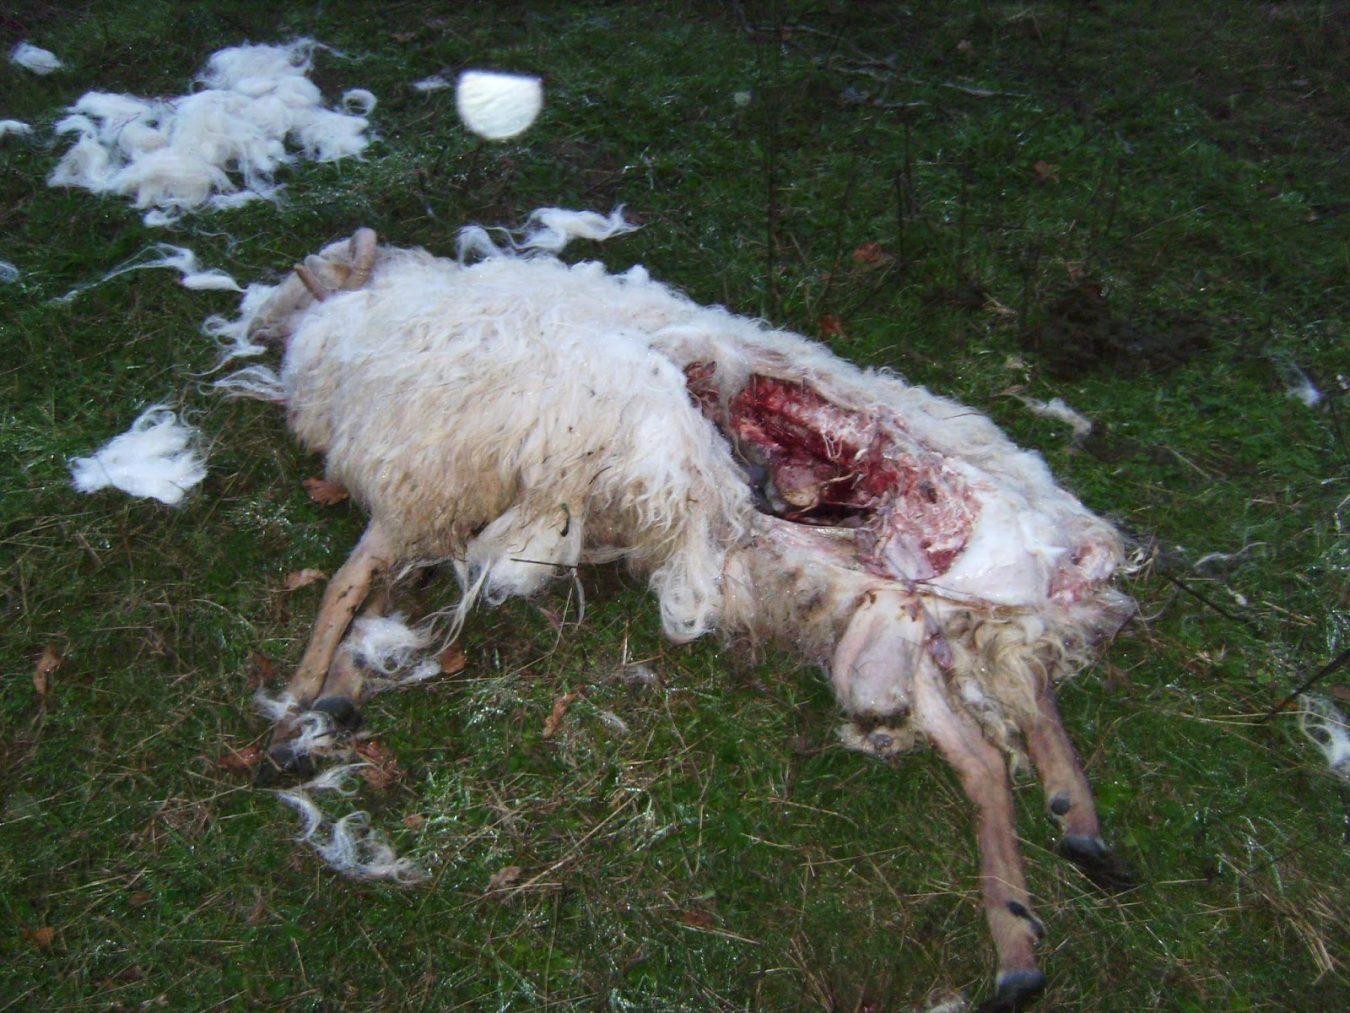 El lobo mató 3.317 cabezas de ganado el año pasado en Asturias